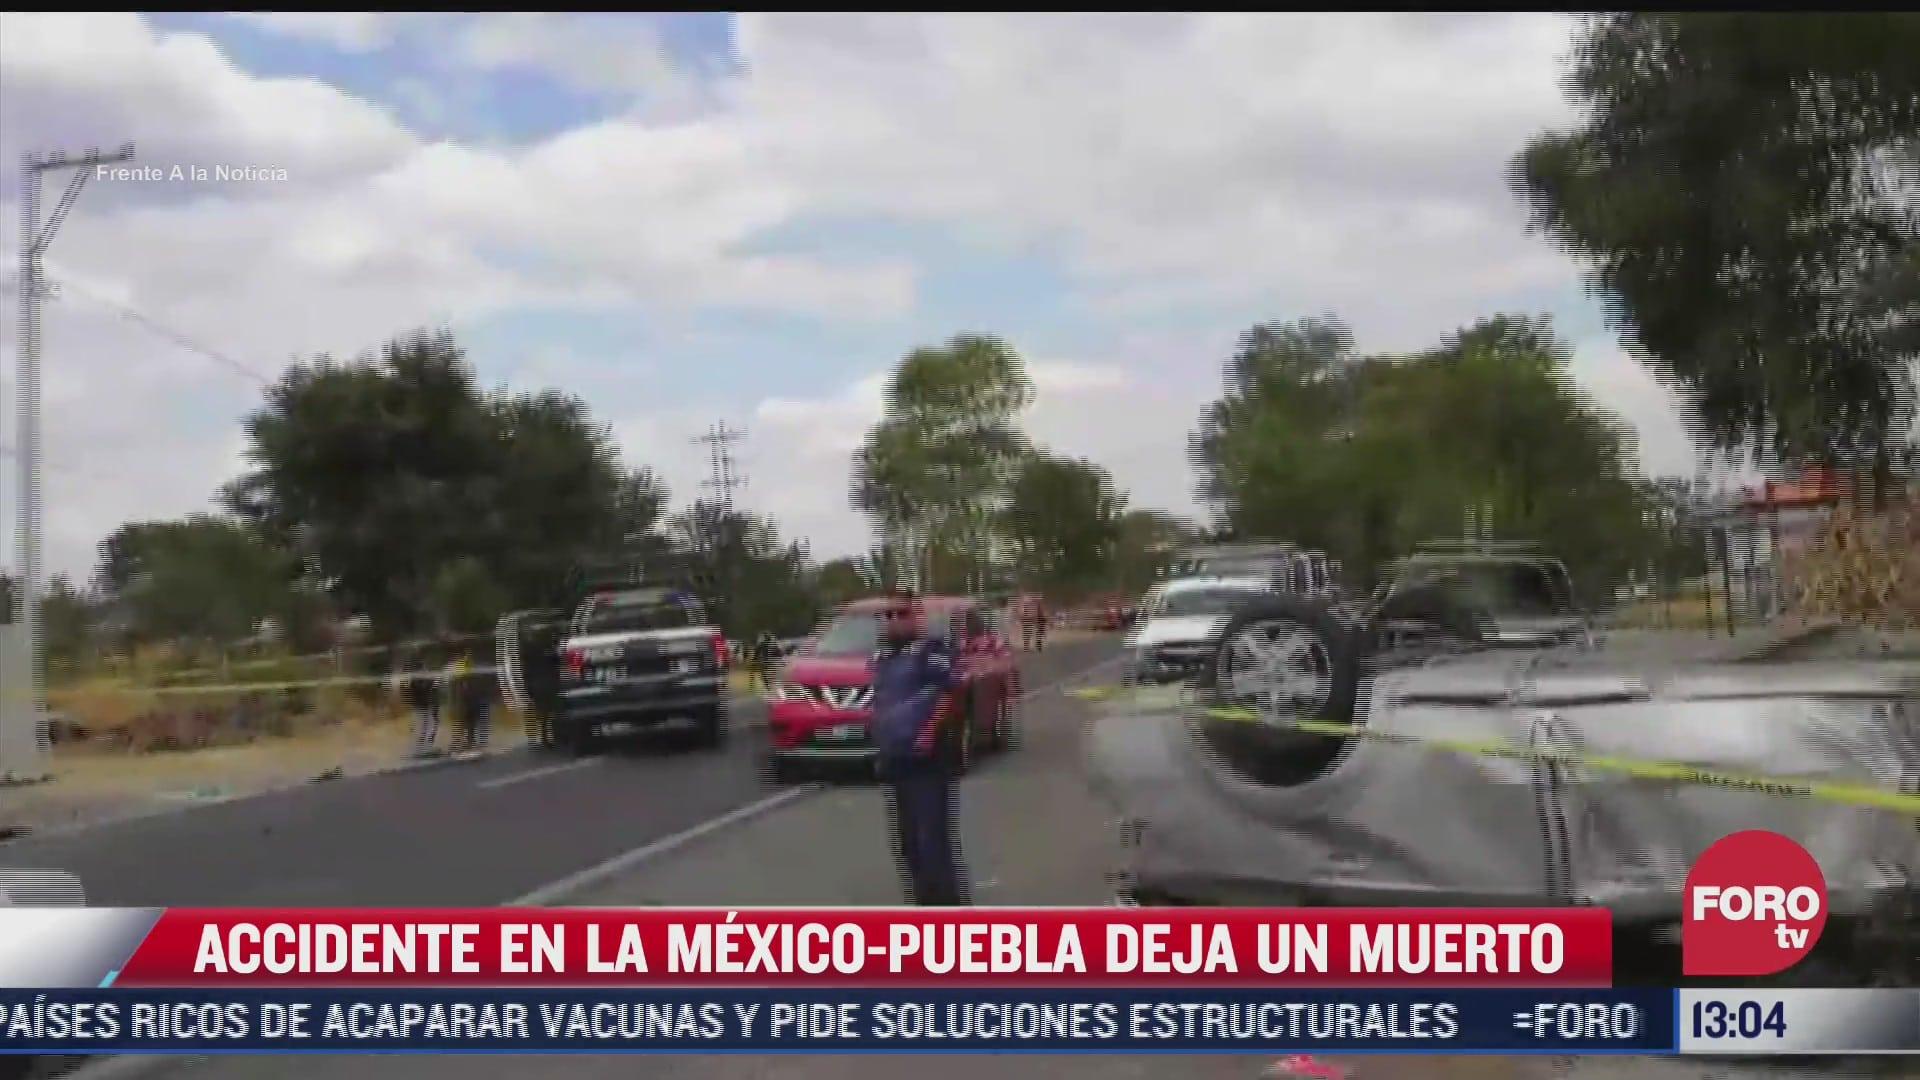 accidente vial en carretera federal mexico puebla deja un muerto